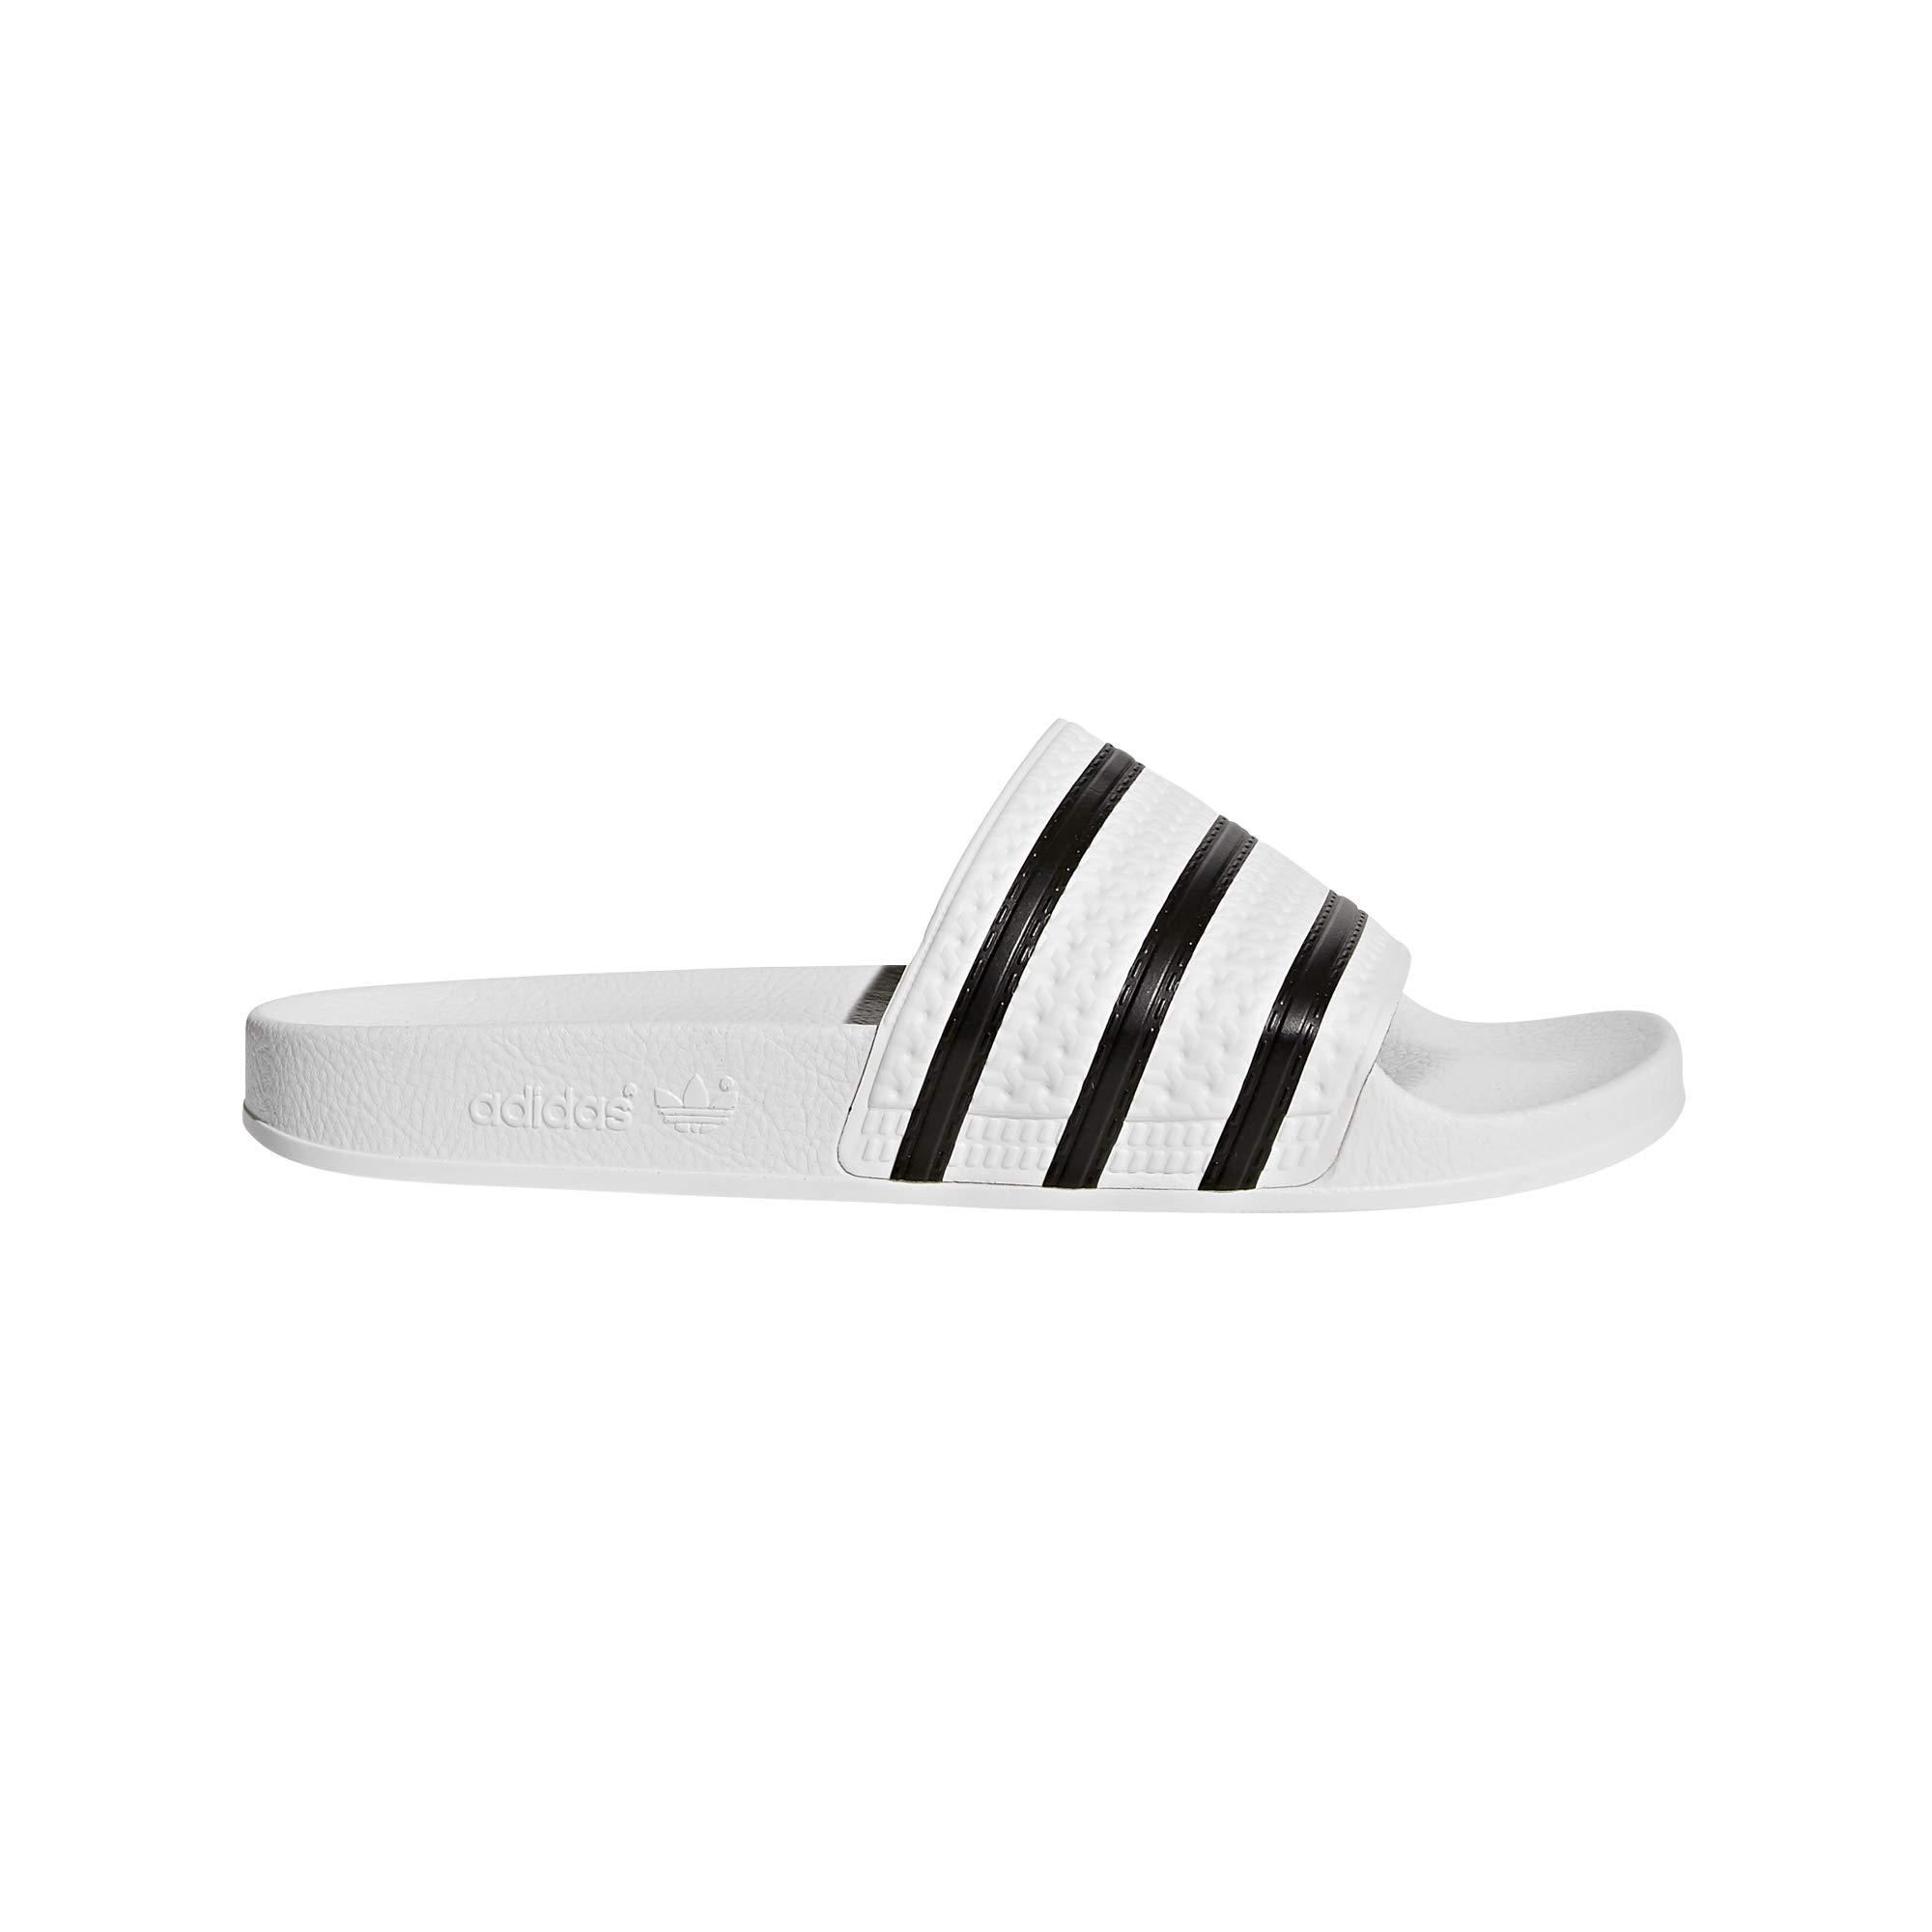 605bde593 Galleon - Adidas Originals Men s Adilette